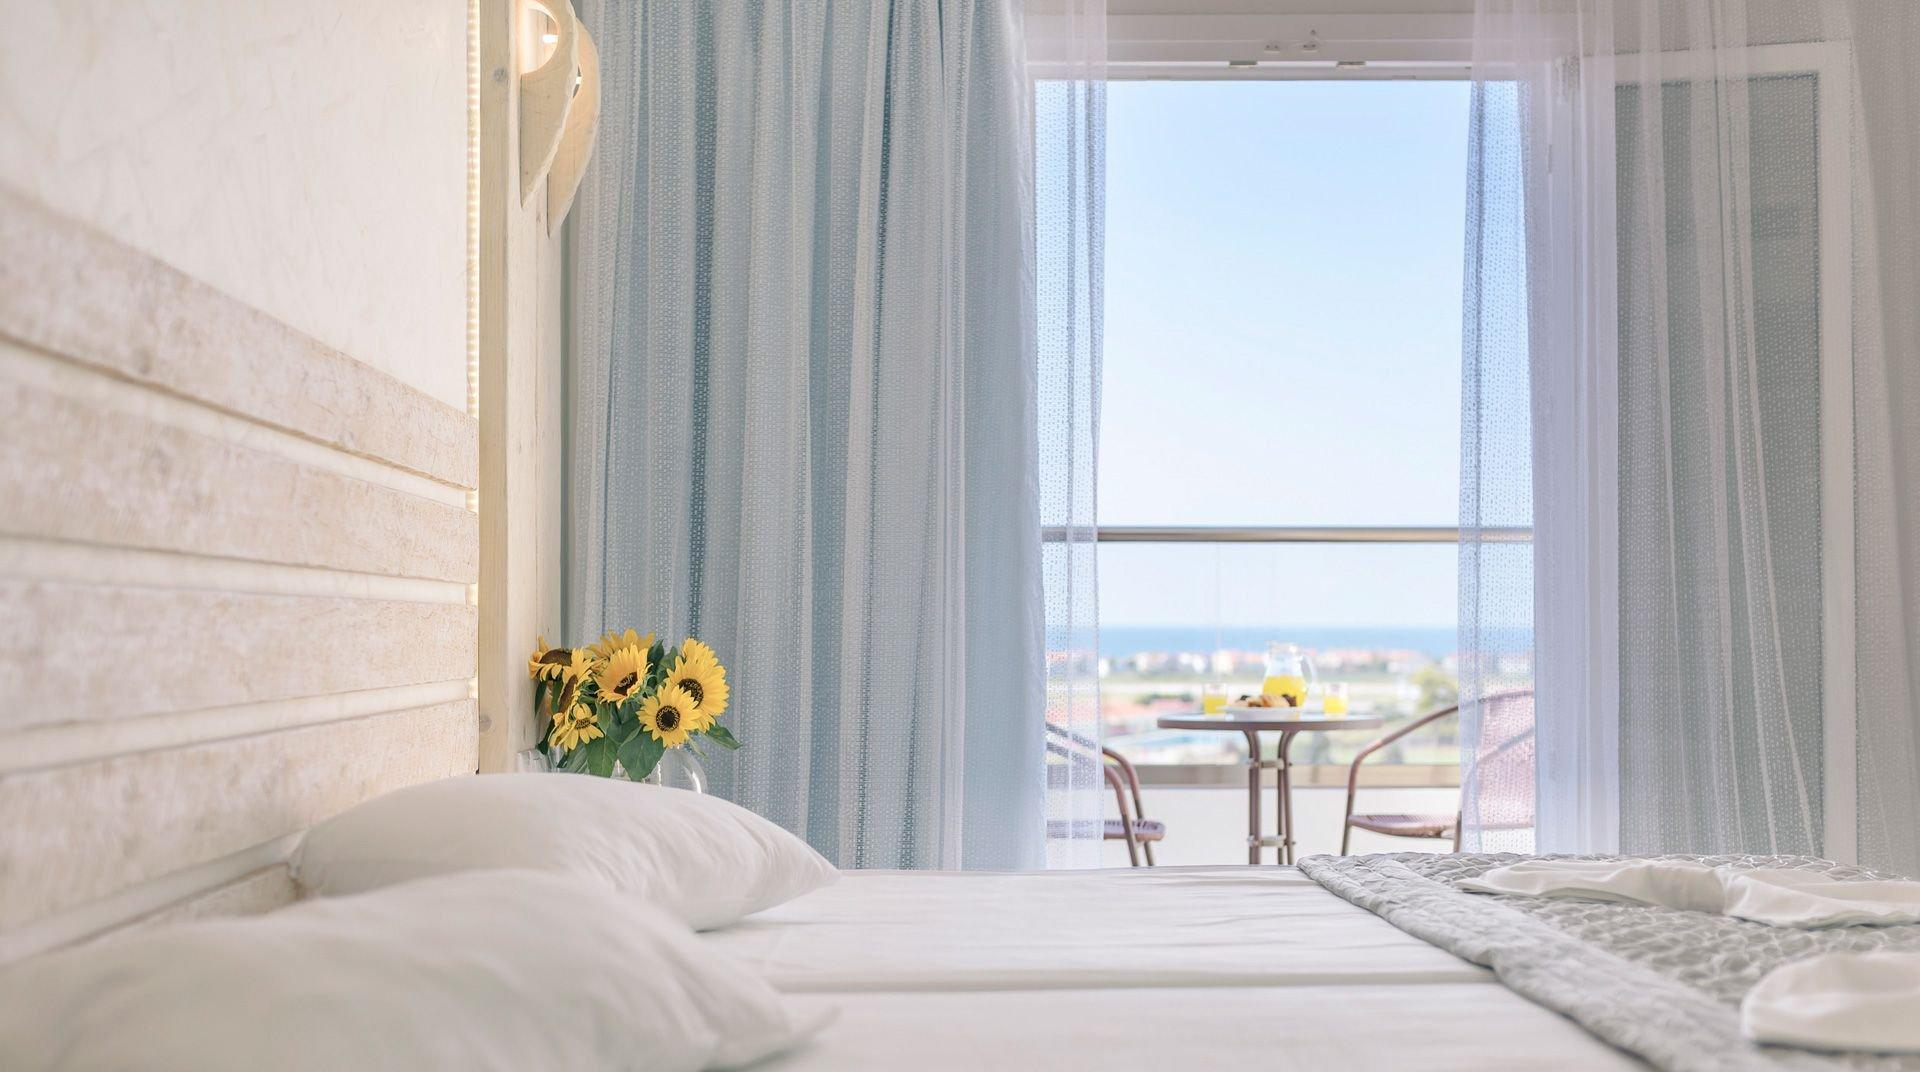 Το δωμάτιο μας από την άκρη δείχνοντας το κρεβάτι και την θέα από το παράθυρο